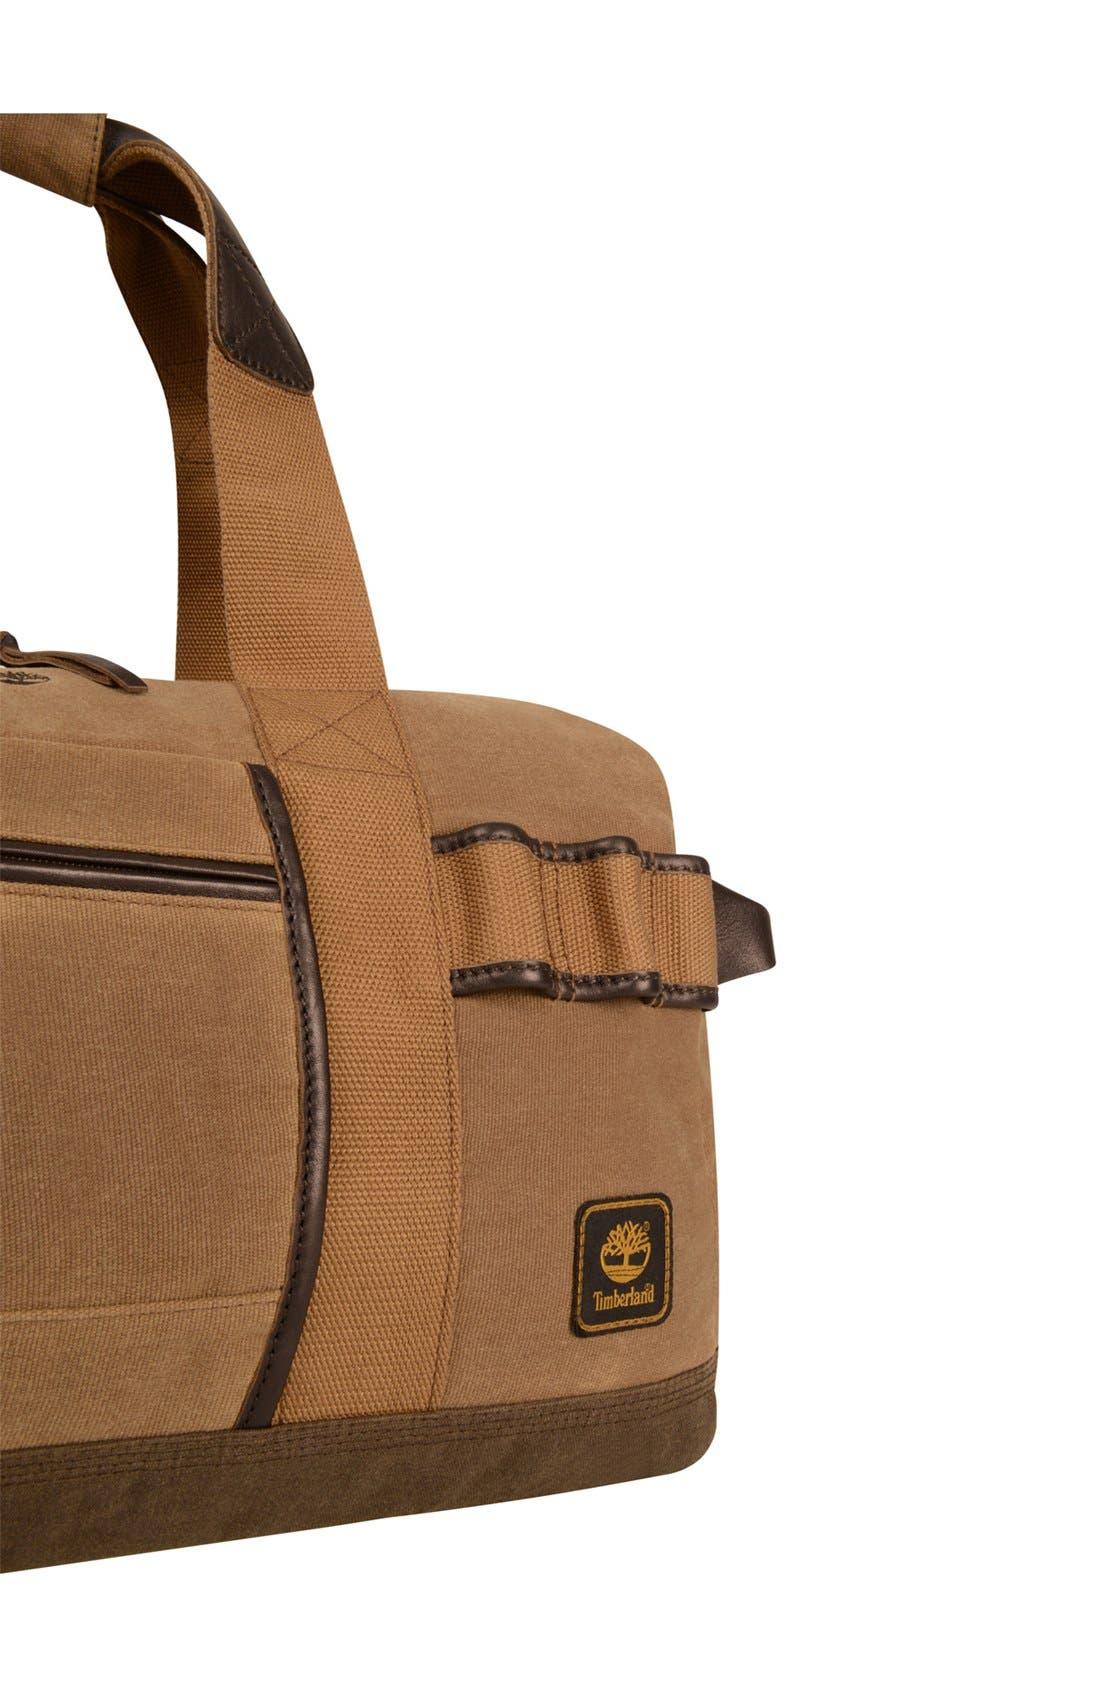 'Madison' Duffel Bag,                             Alternate thumbnail 4, color,                             Tan/ Brown